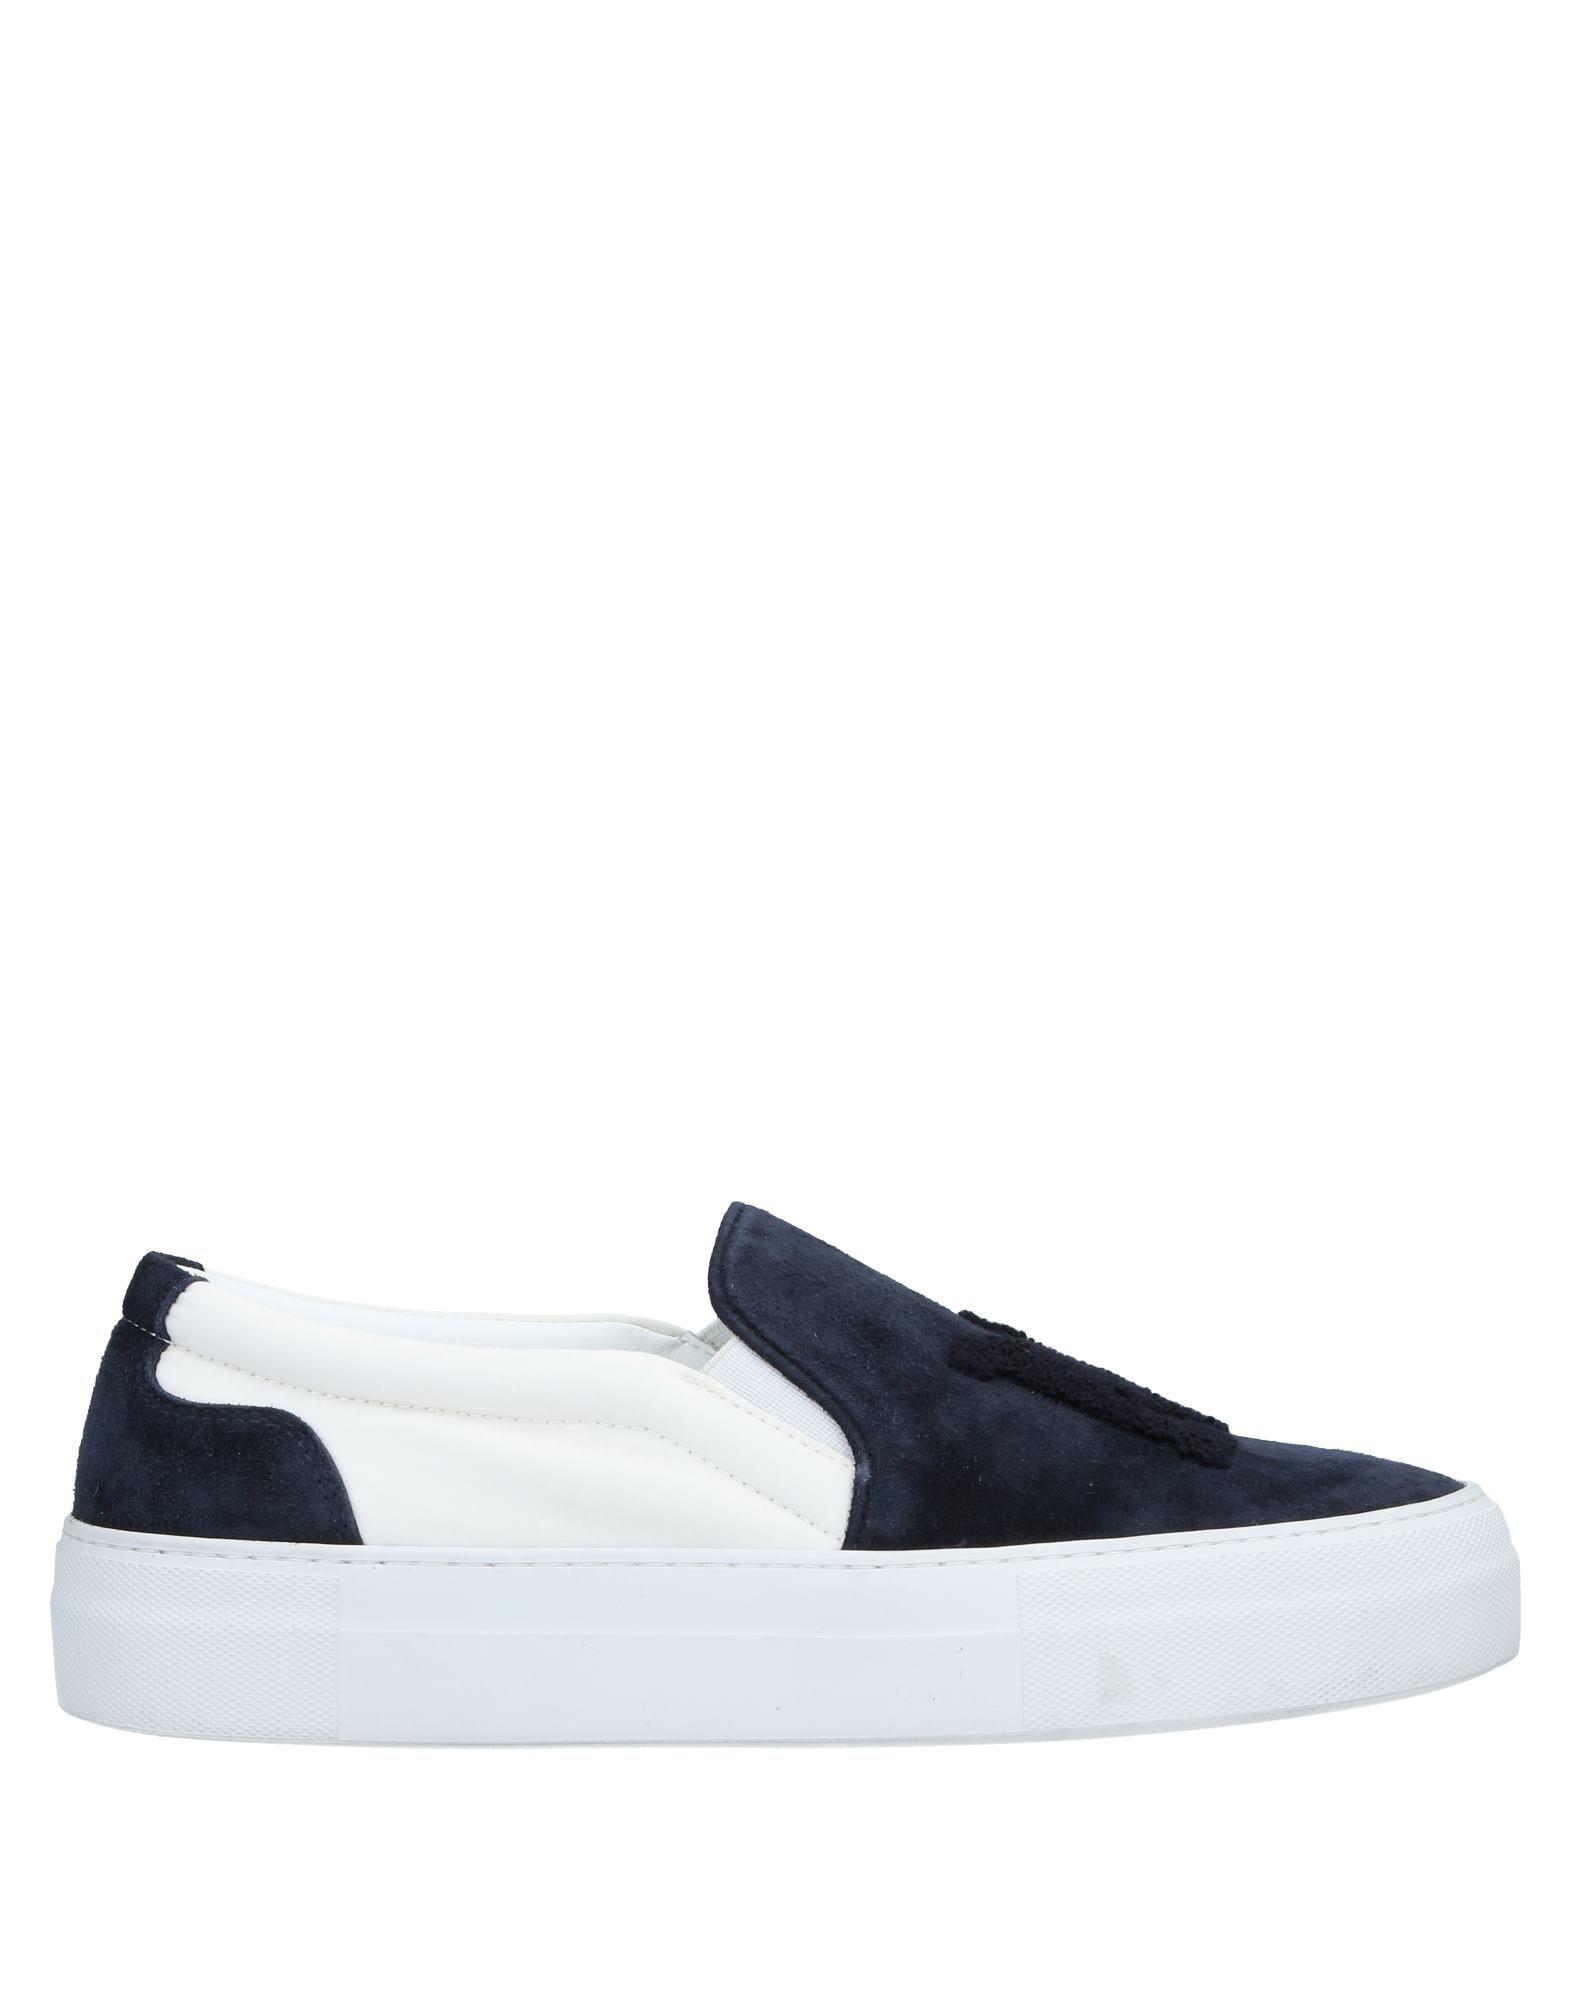 Sneakers Joshua*S Uomo - 11508395KJ Scarpe economiche e buone